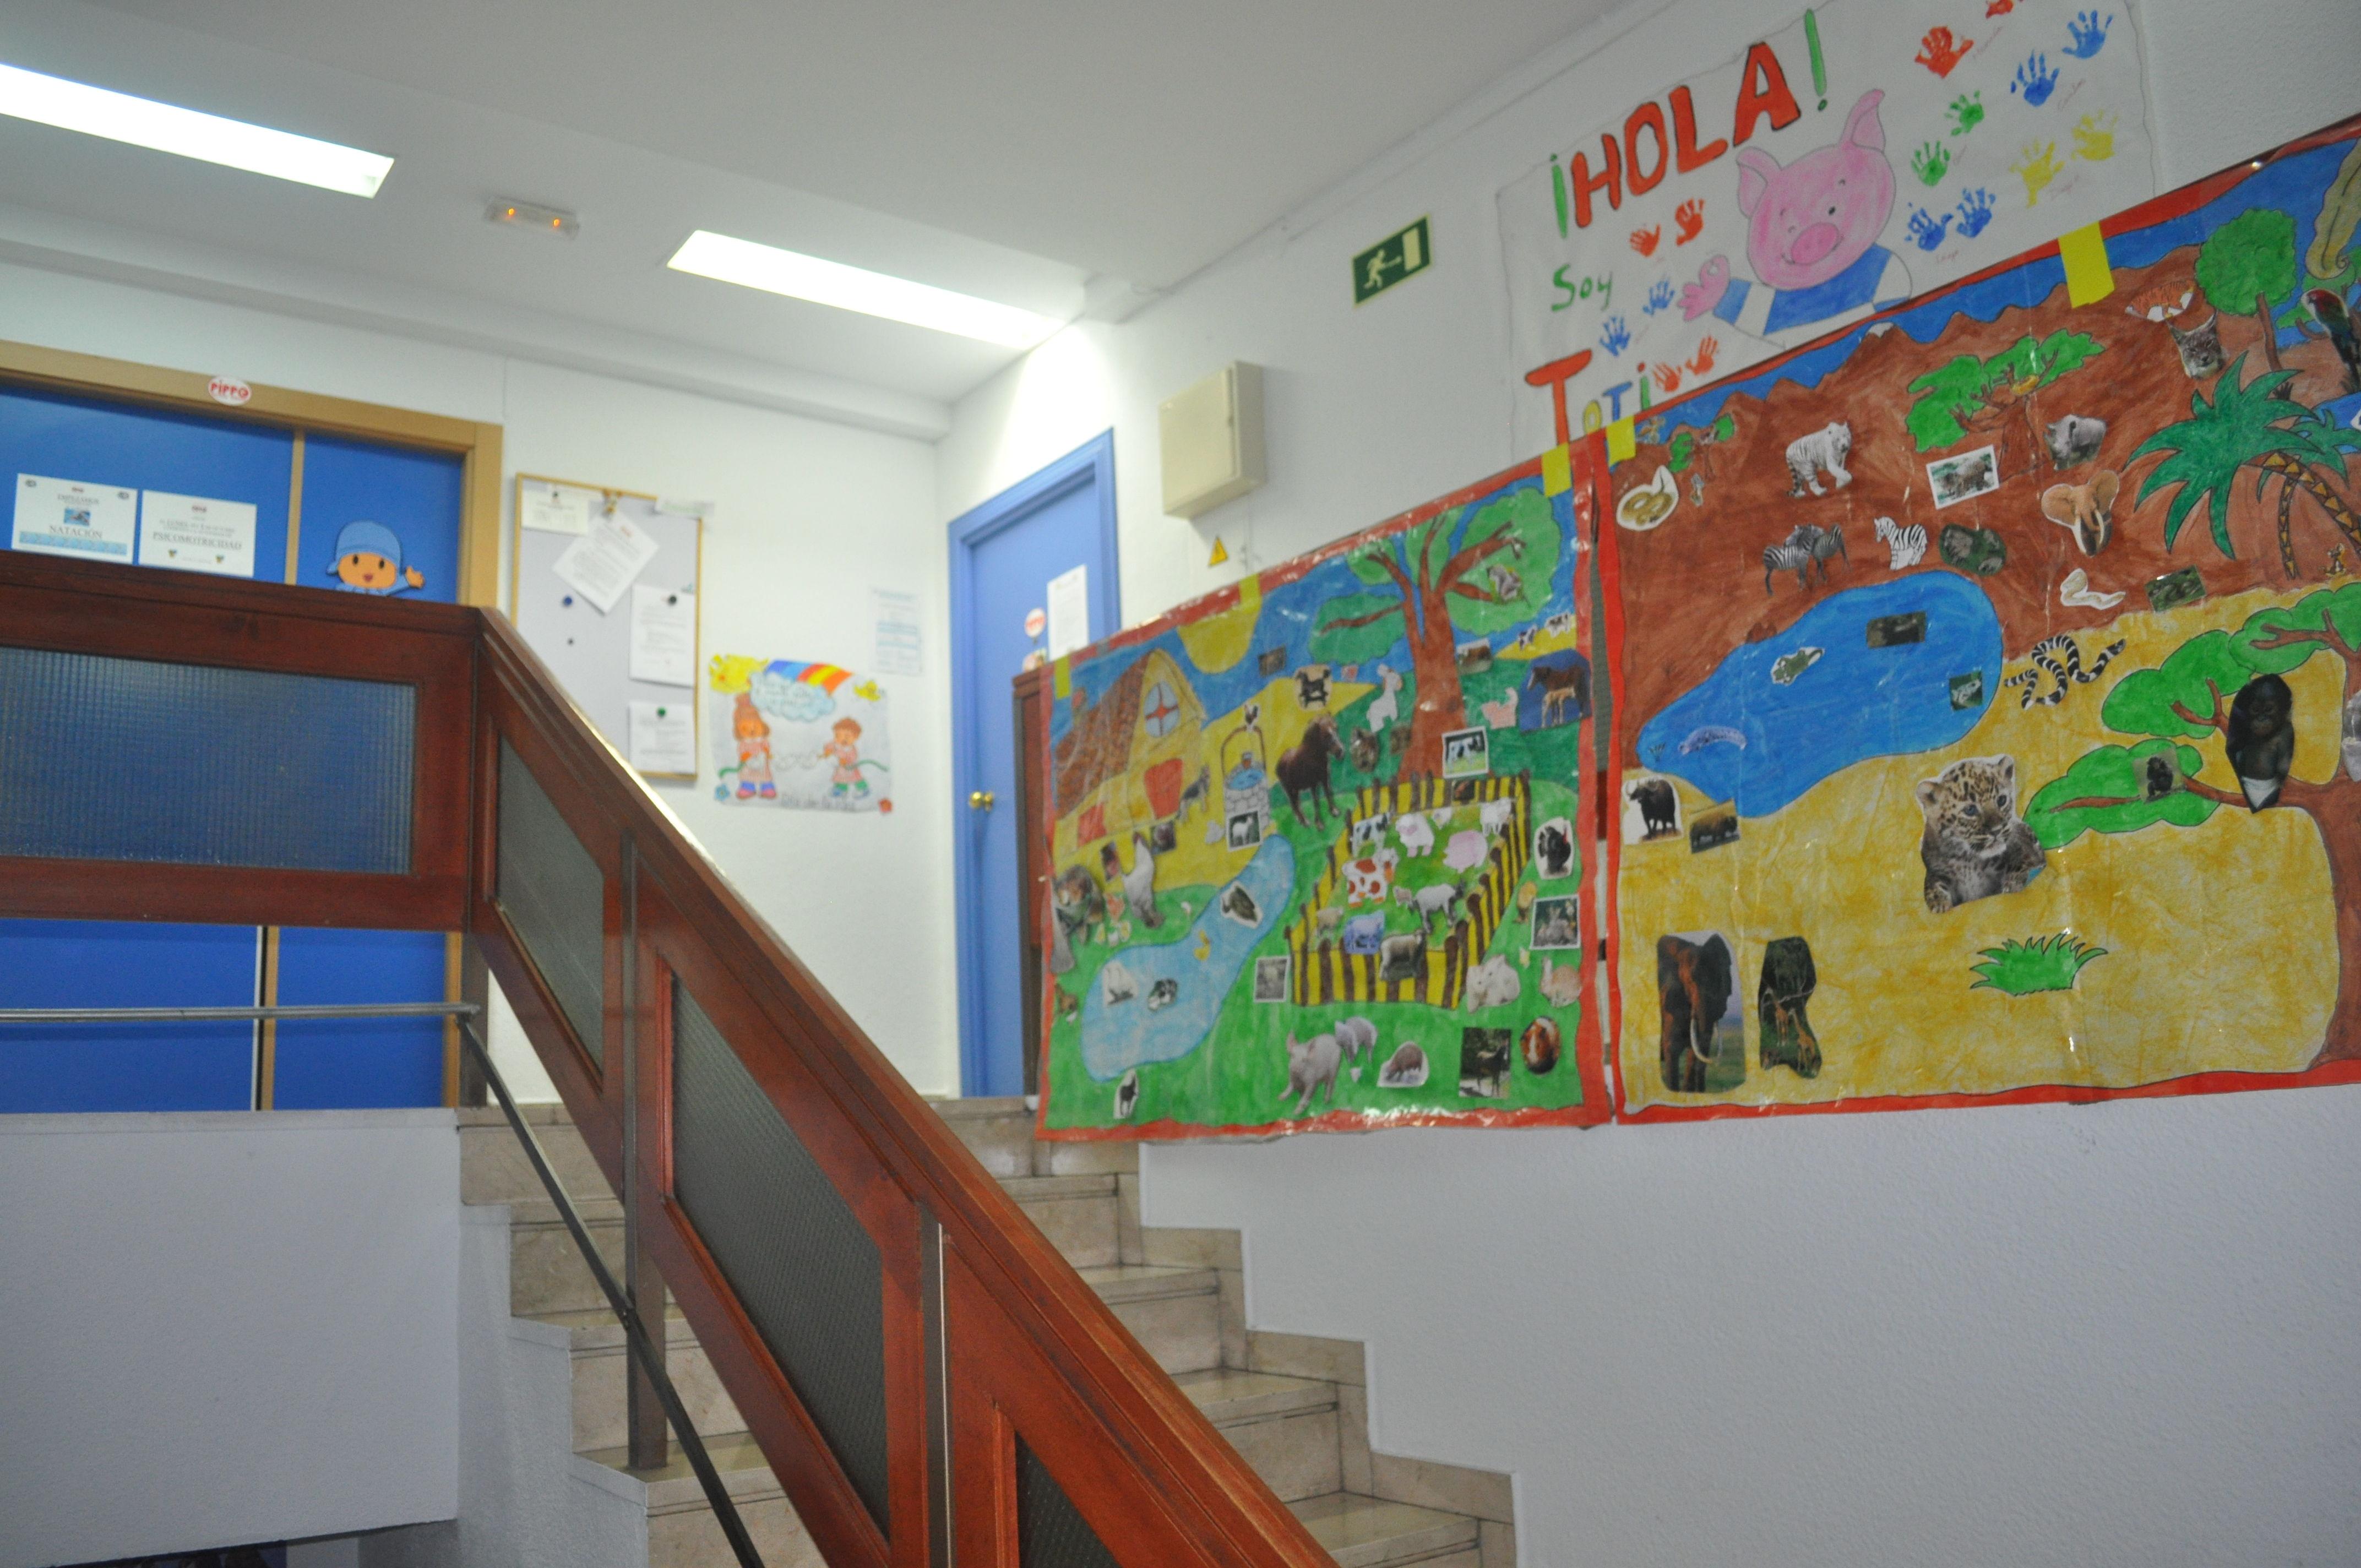 Exposición de trabajos de Talleres en escalera interior